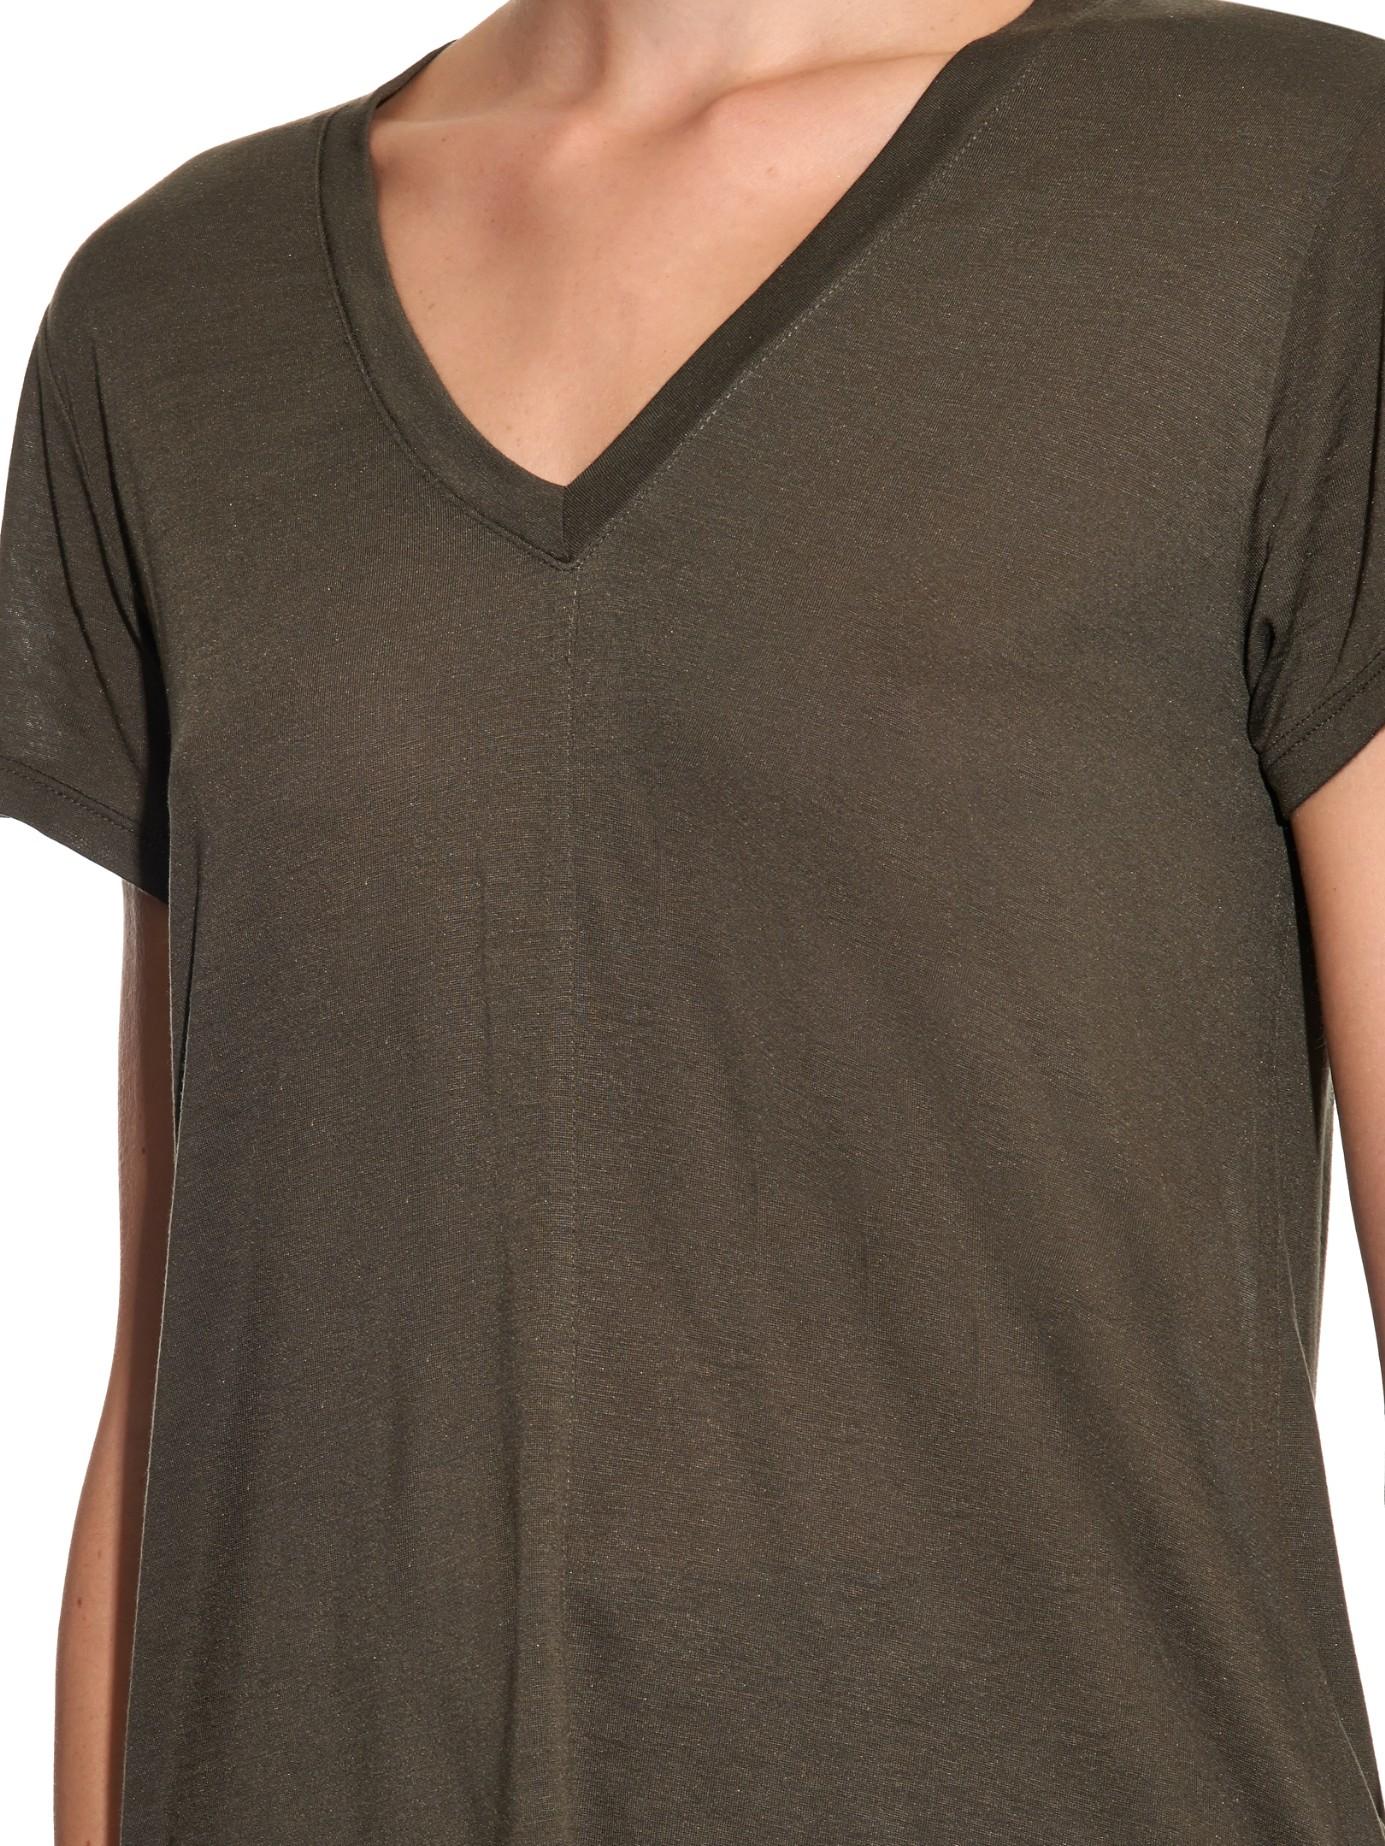 helmut lang v neck jersey t shirt in natural lyst. Black Bedroom Furniture Sets. Home Design Ideas